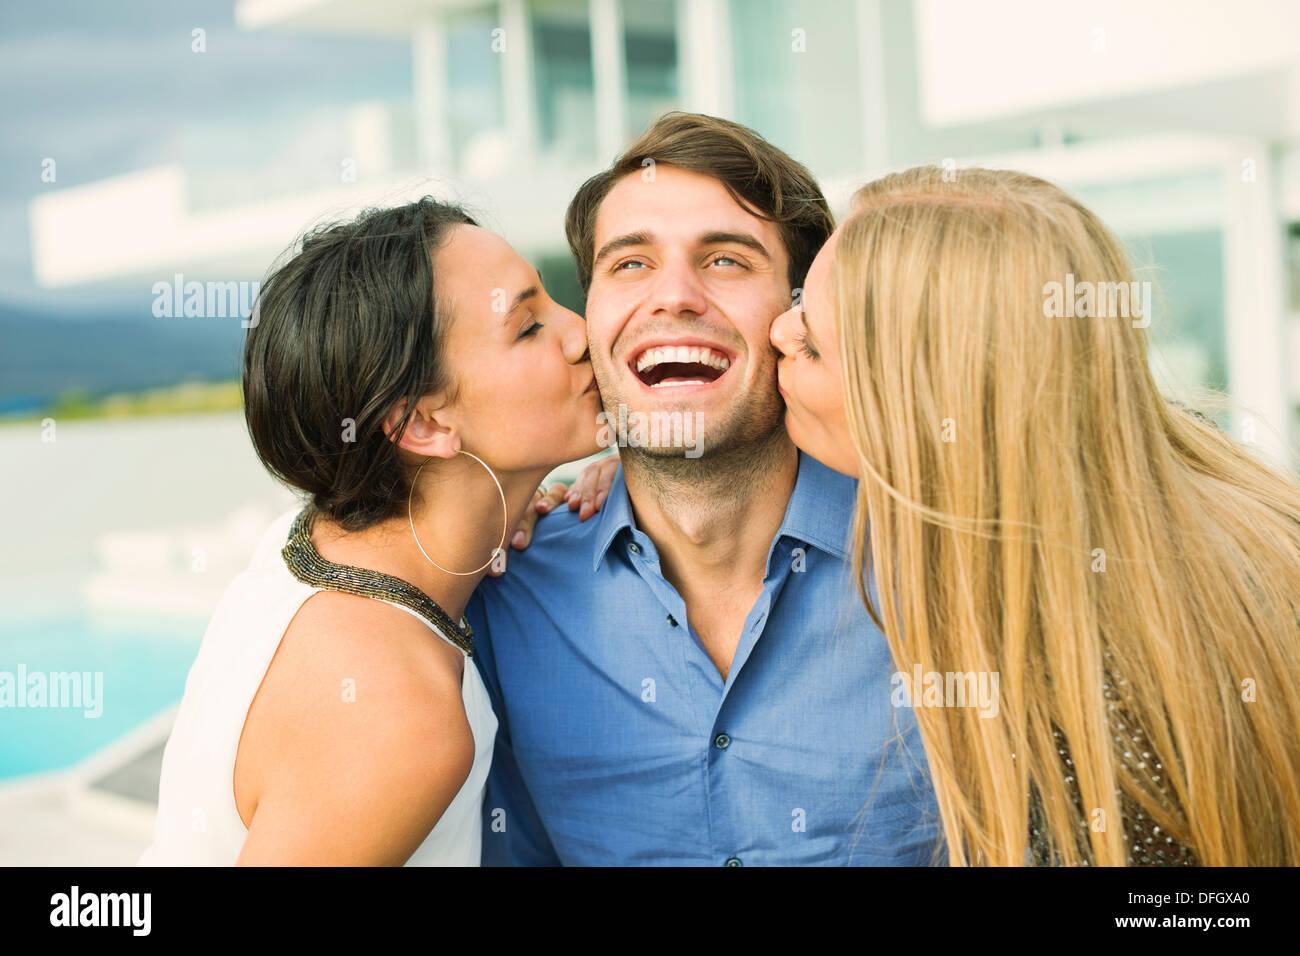 Les femmes s'embrasser la joue de l'homme à l'extérieur Photo Stock